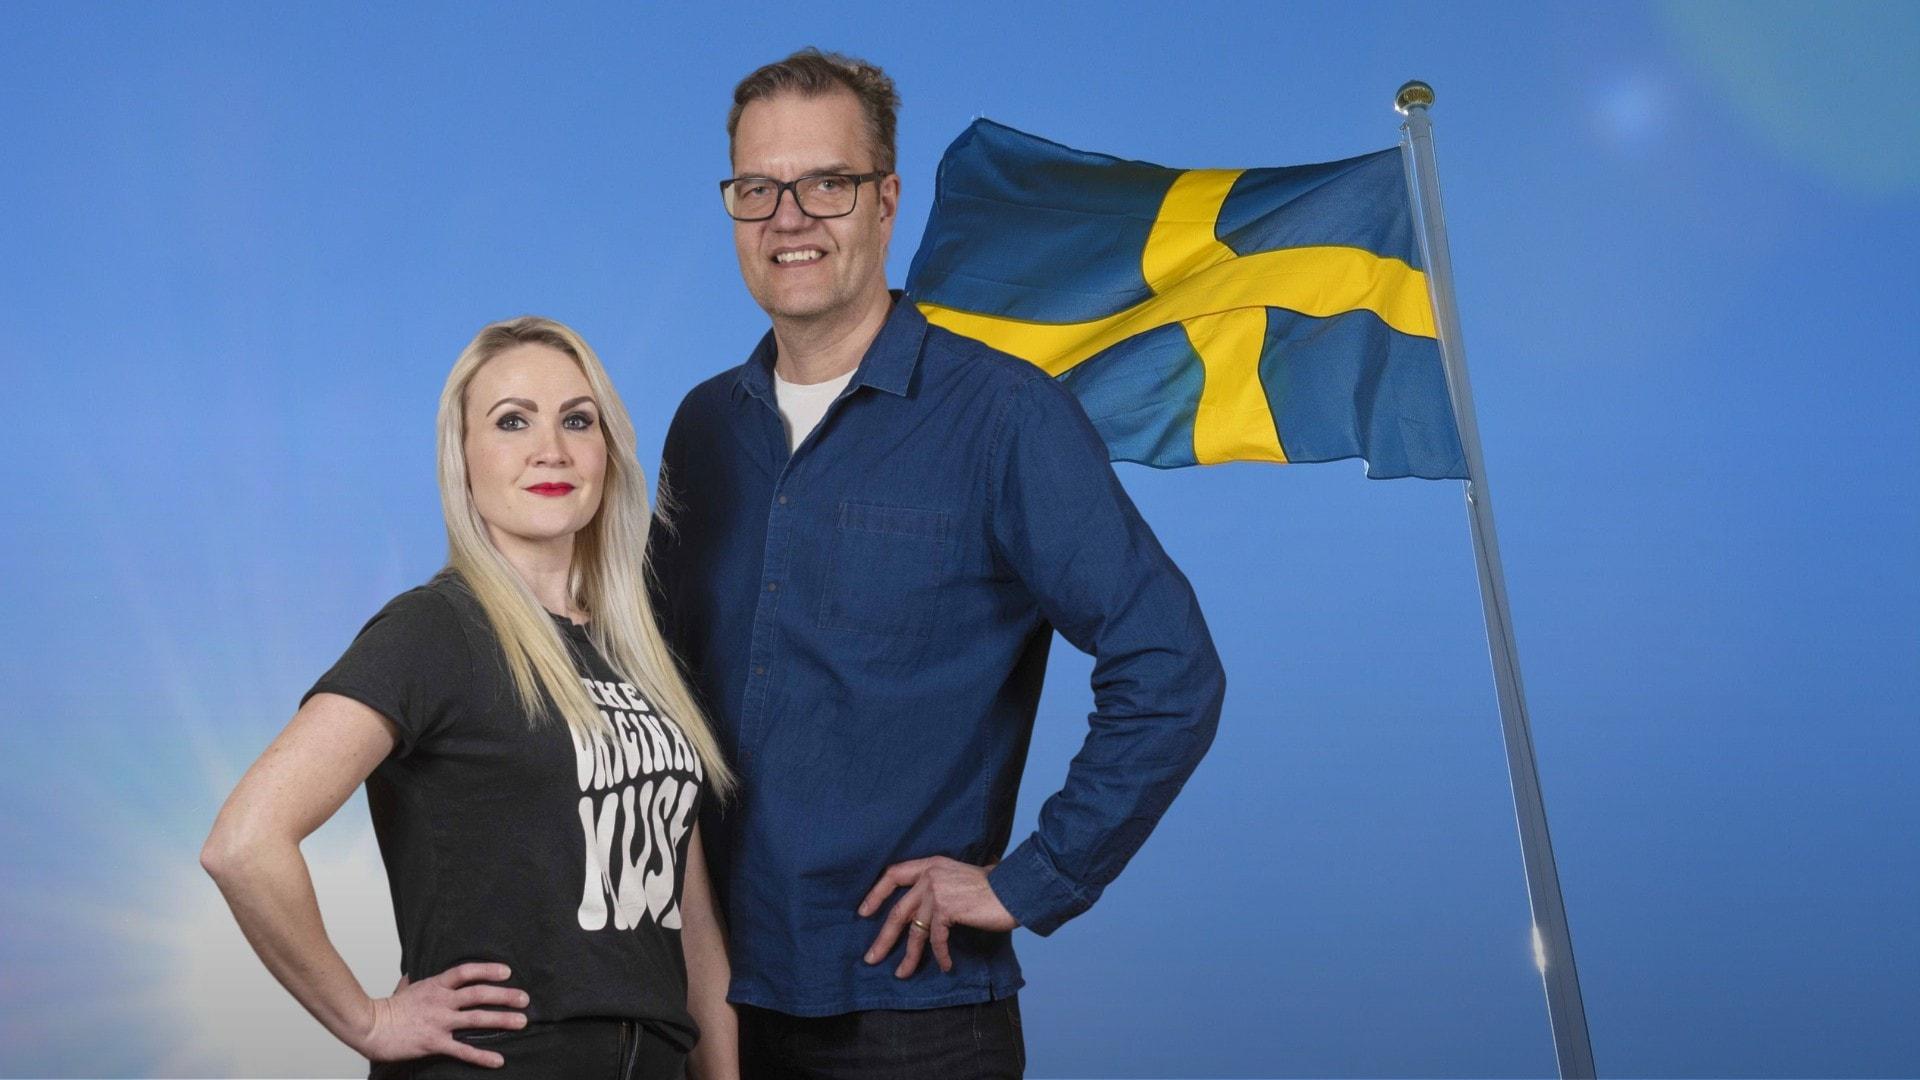 Fiiraatko kansallispäivänä ruotsalaisuutta?